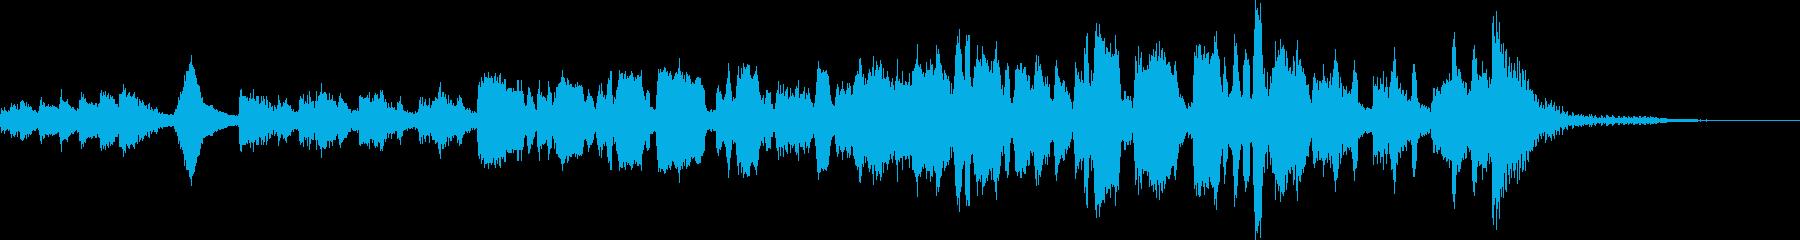 みんなのうた風メルヘンOP曲の再生済みの波形